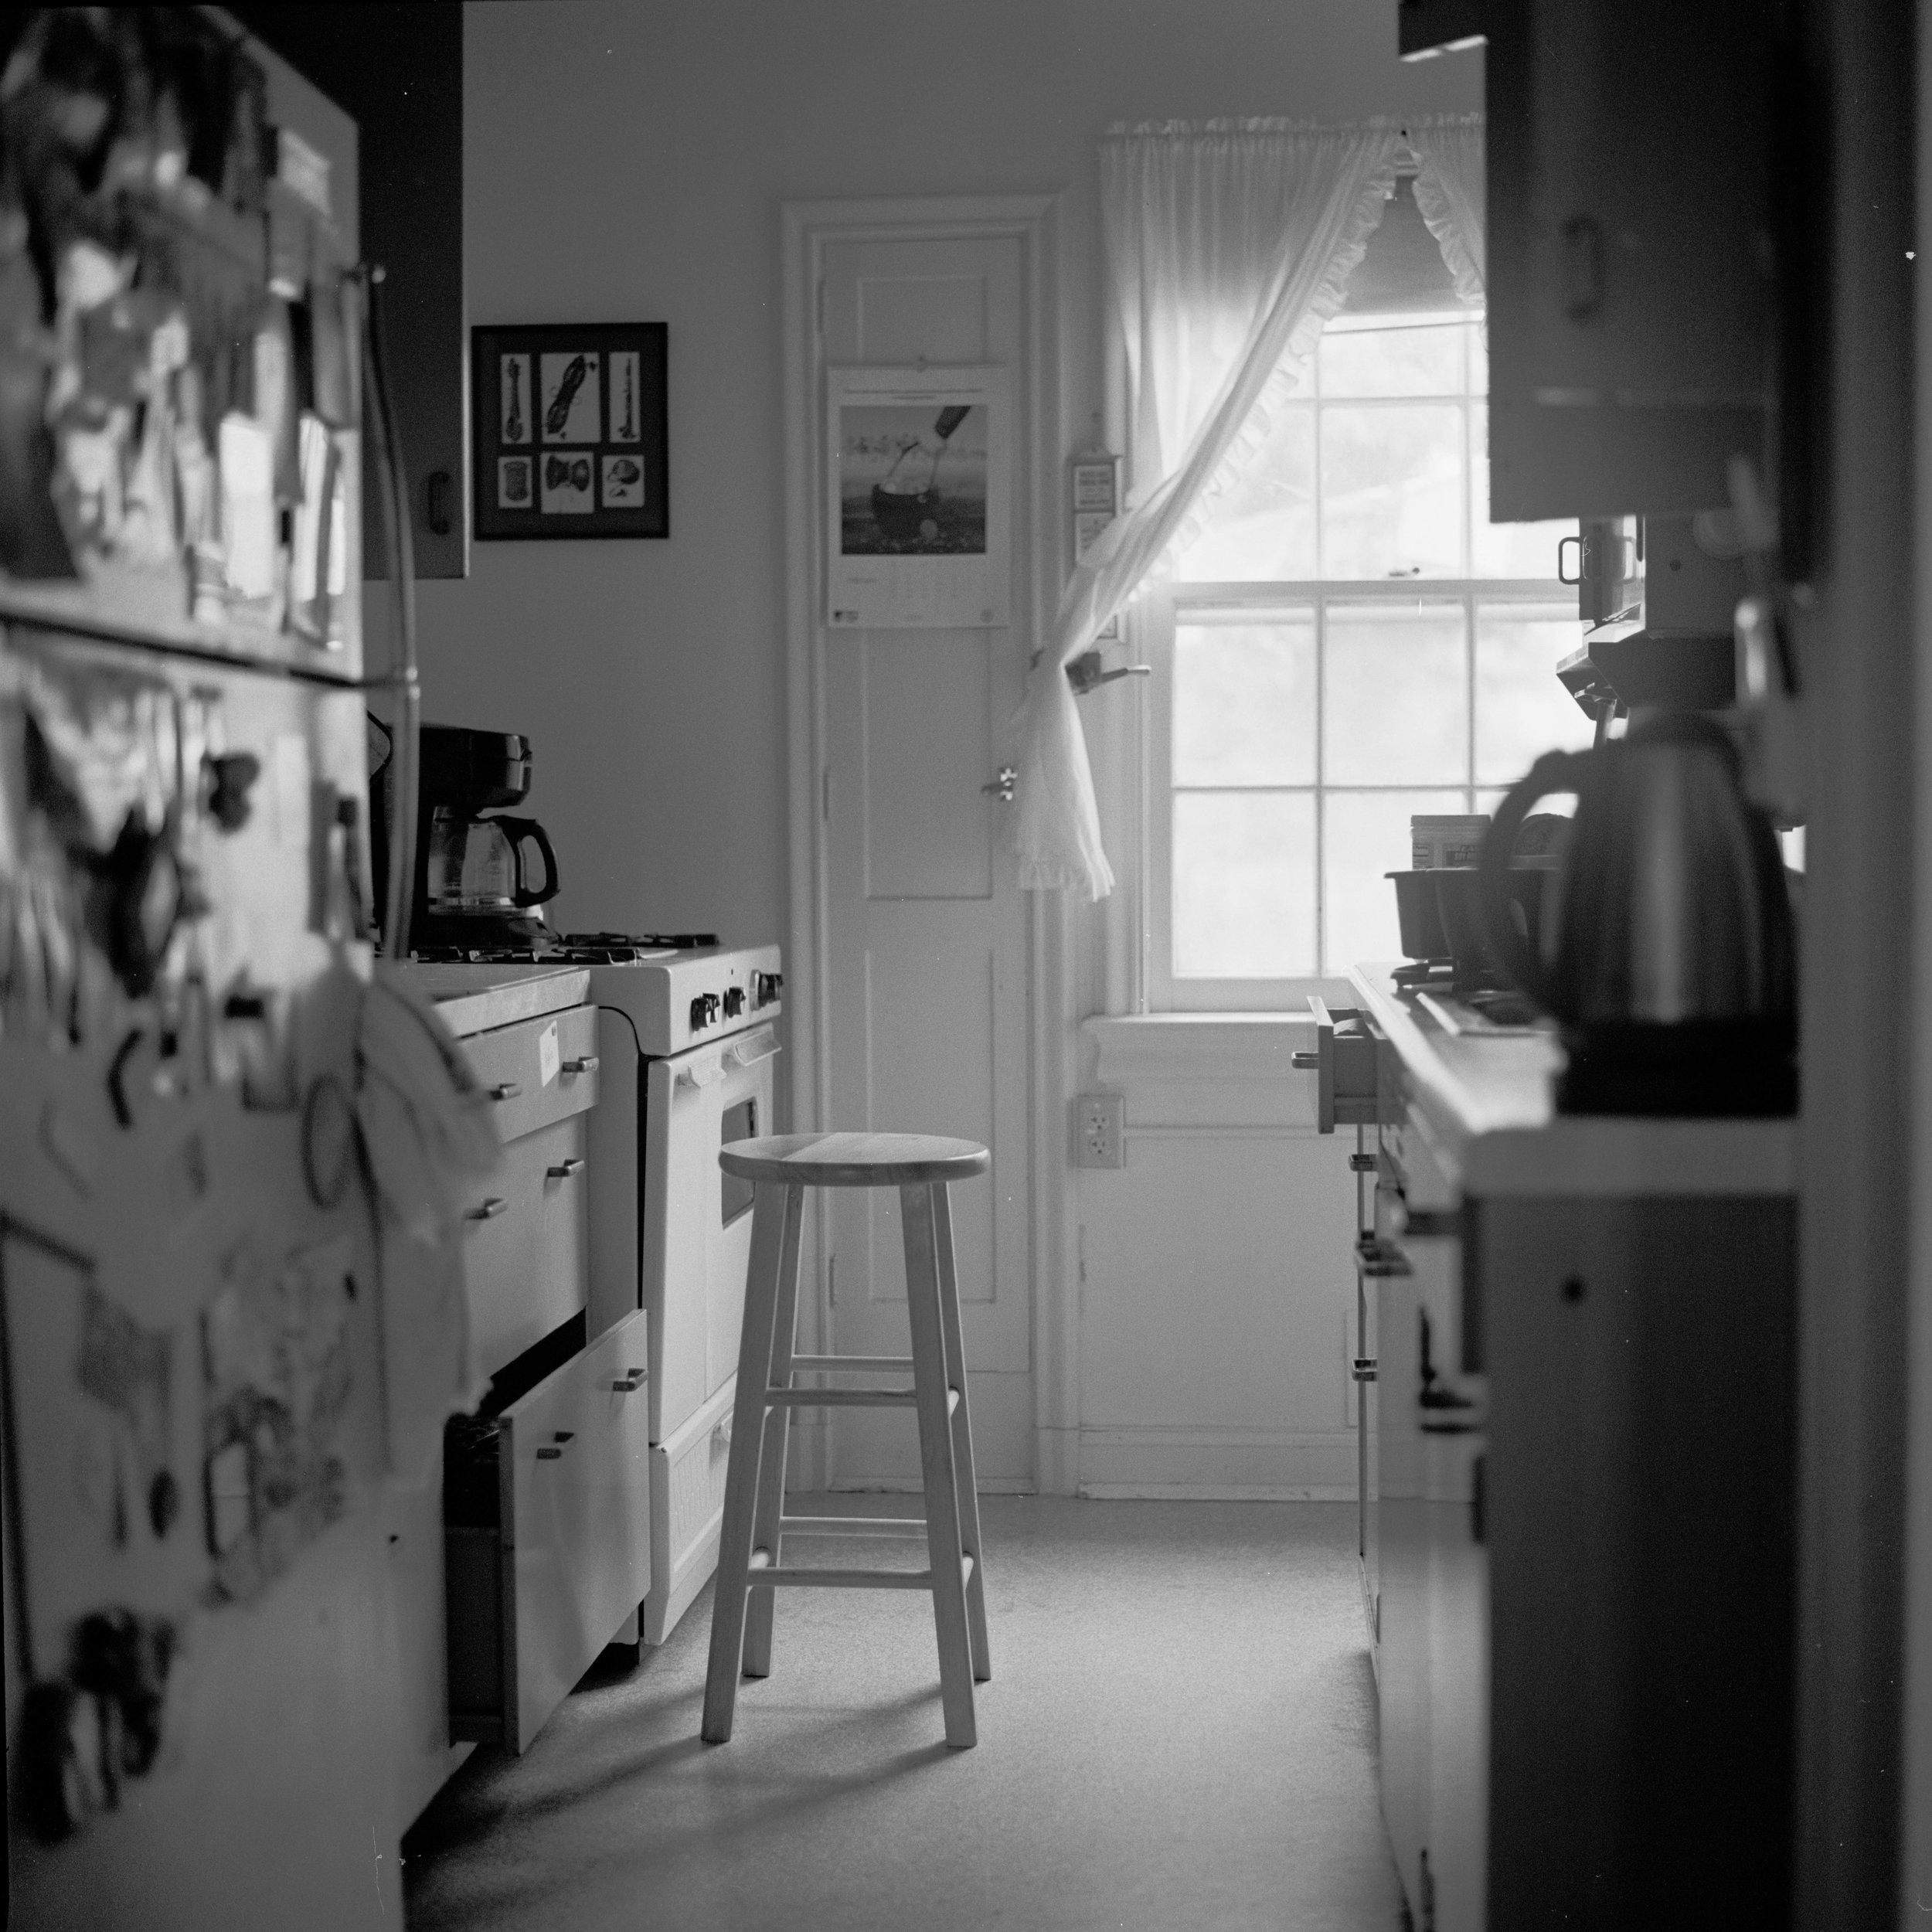 kitchen stool.jpg